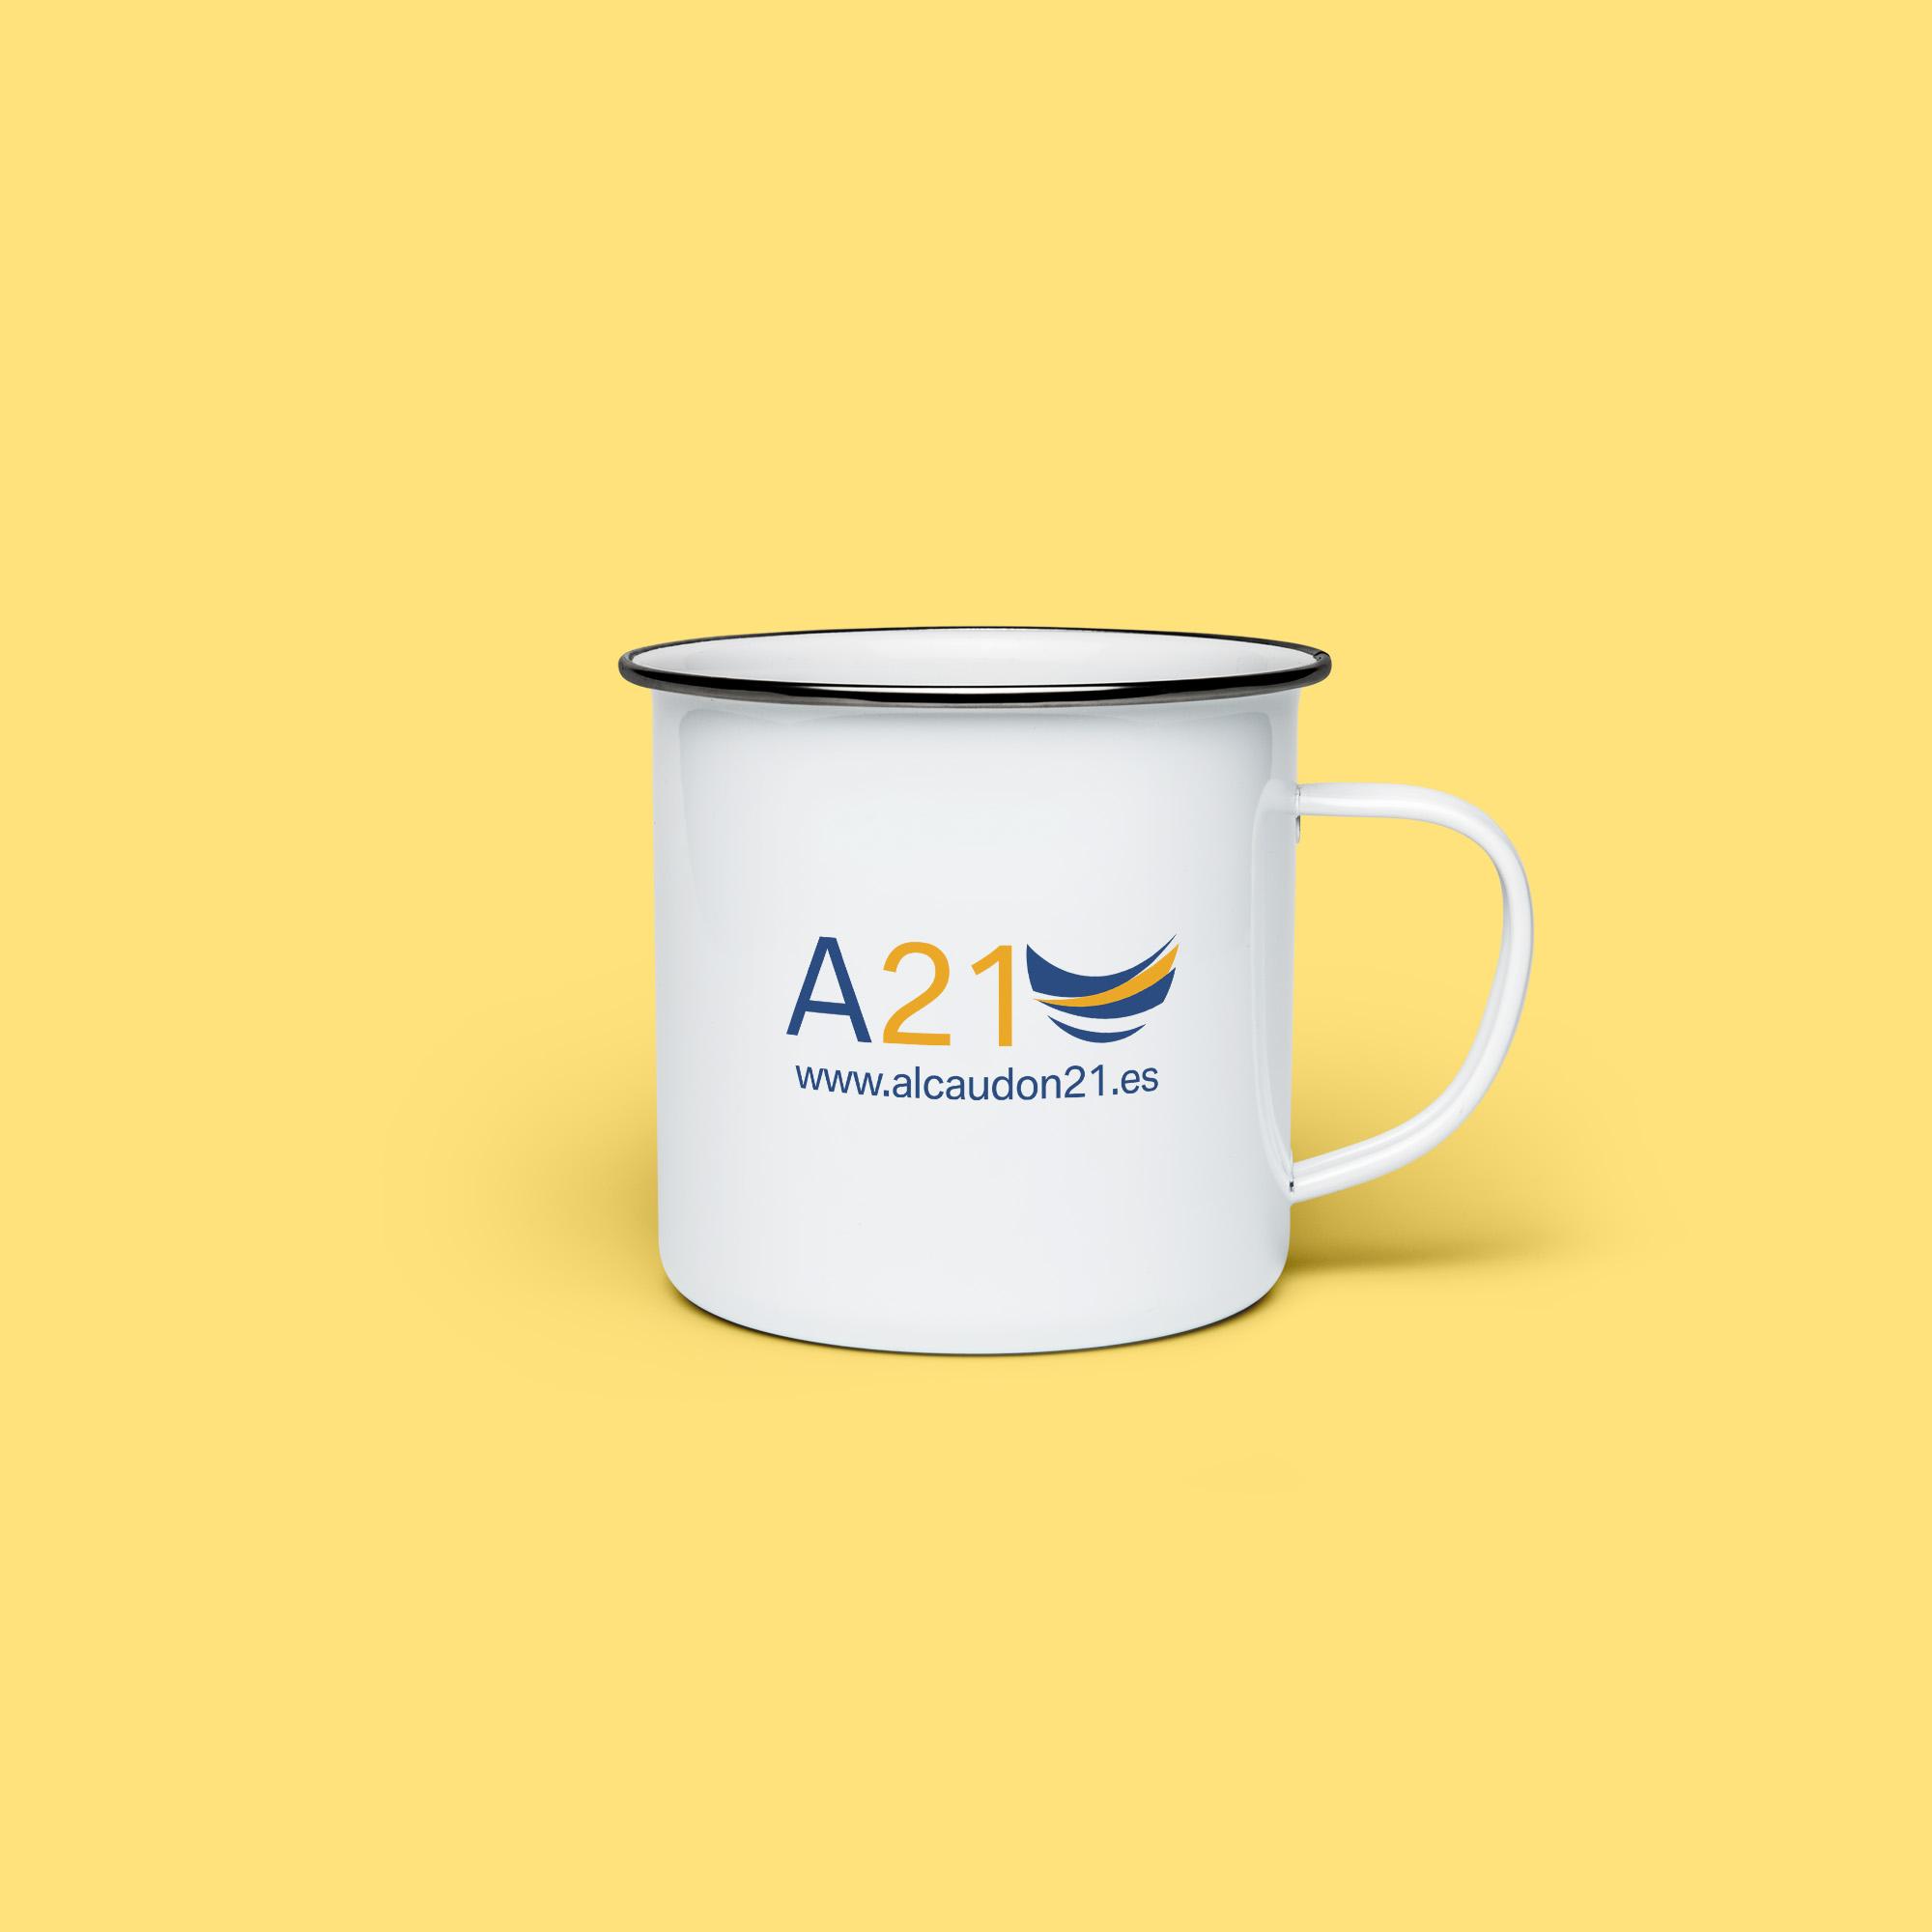 A21 Branding